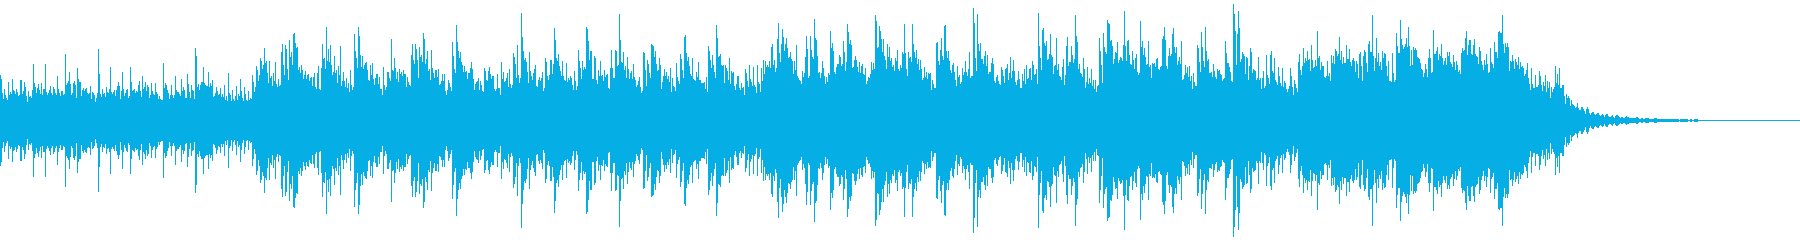 ミステリアスな雰囲気のピアノバラードの再生済みの波形